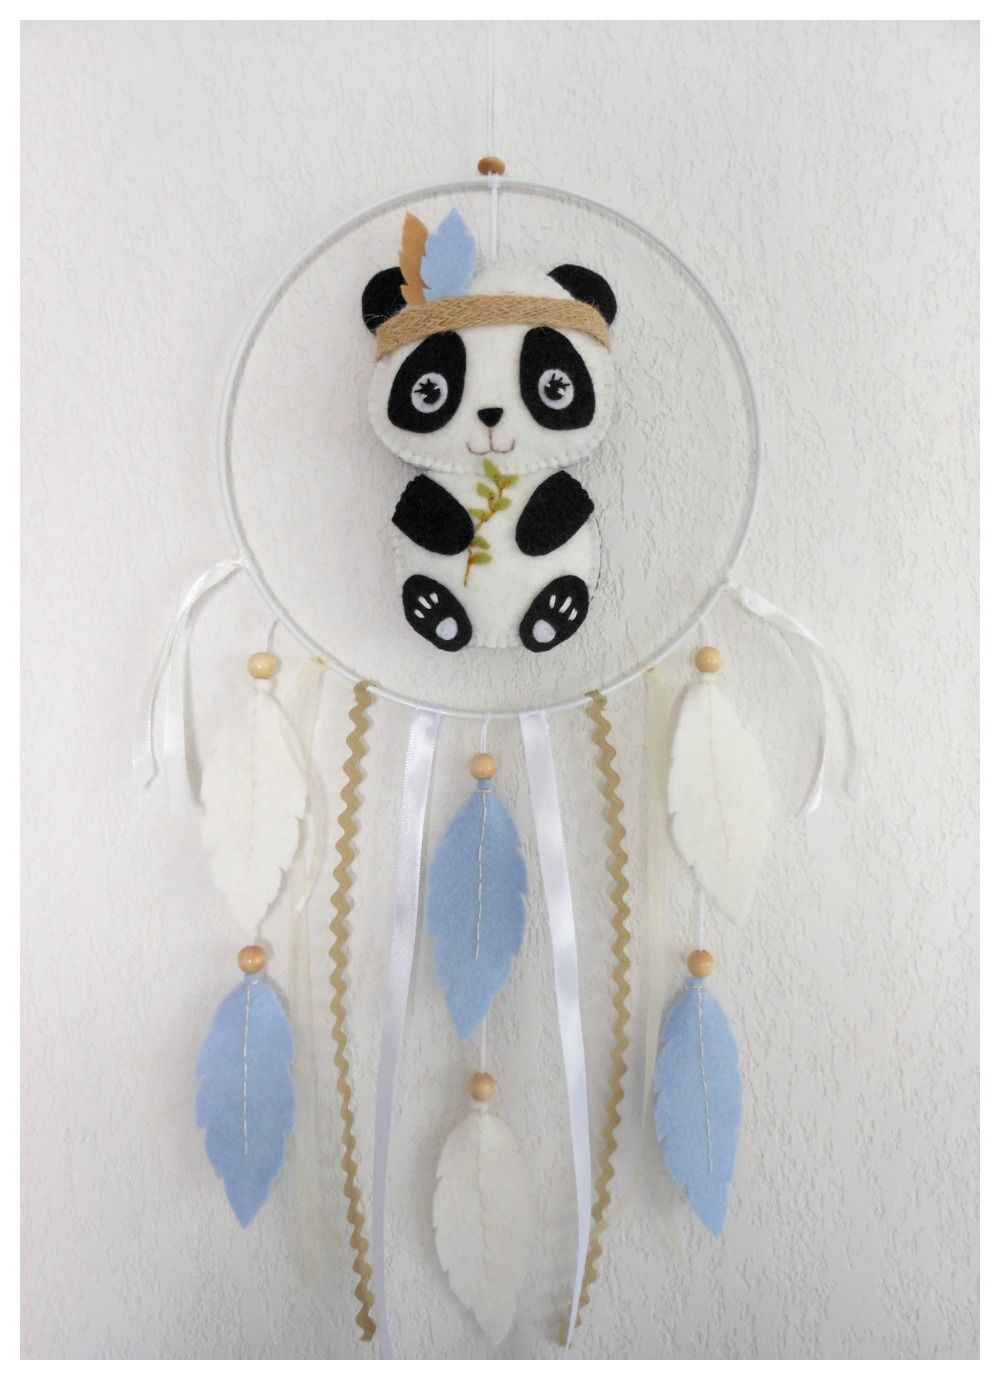 mobile attrape r ves panda pour d coration chambre de b b ou d 39 enfant id e cadeau naissance. Black Bedroom Furniture Sets. Home Design Ideas